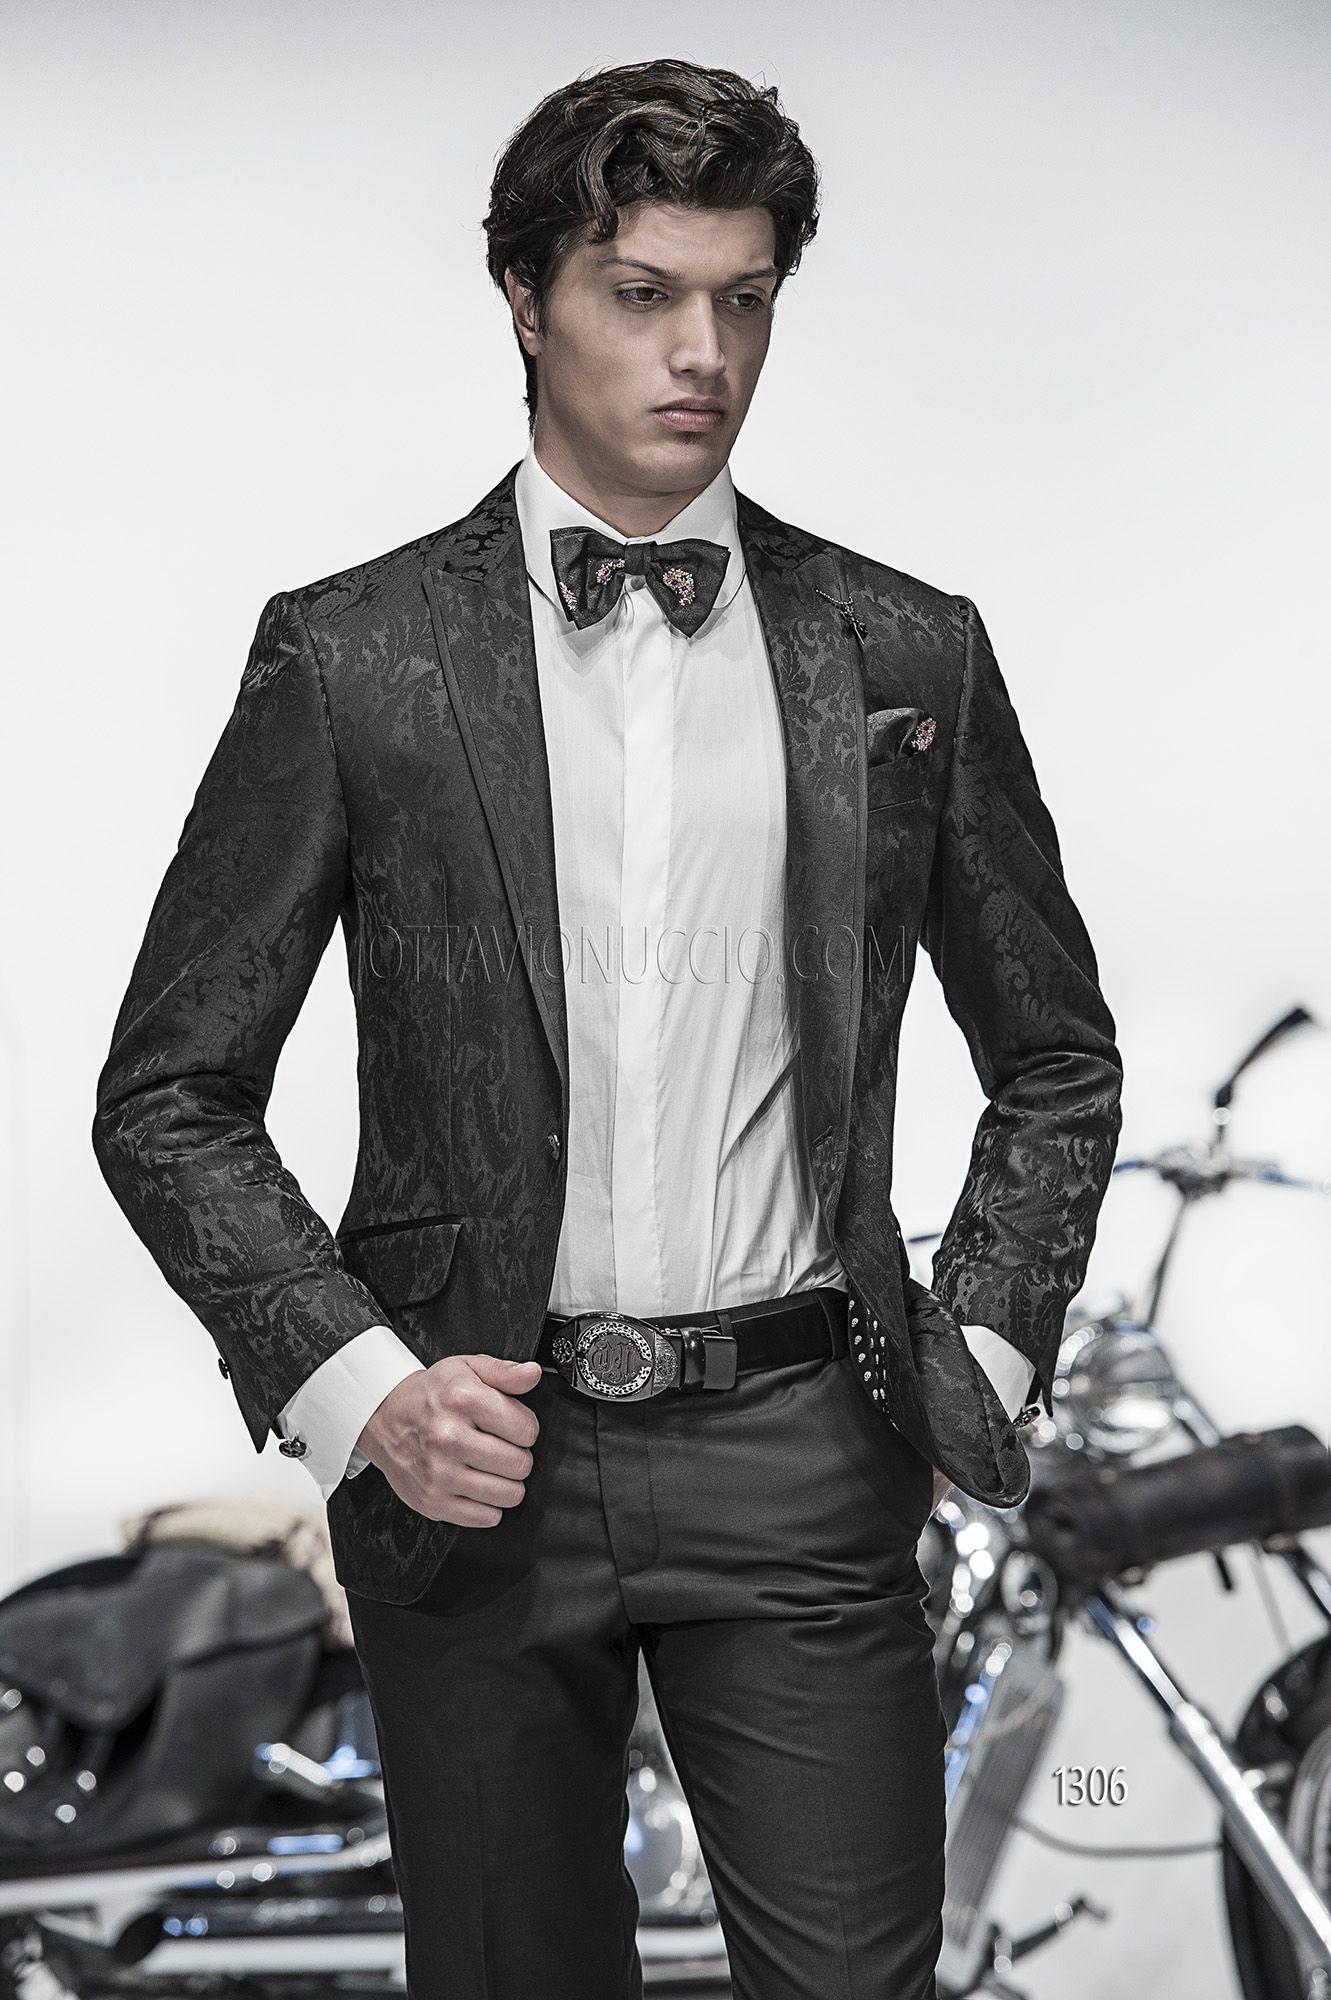 nuovo arrivo ca4cd 58ac2 Abito sposo con giacca damascata nera e pantalone di raso ...